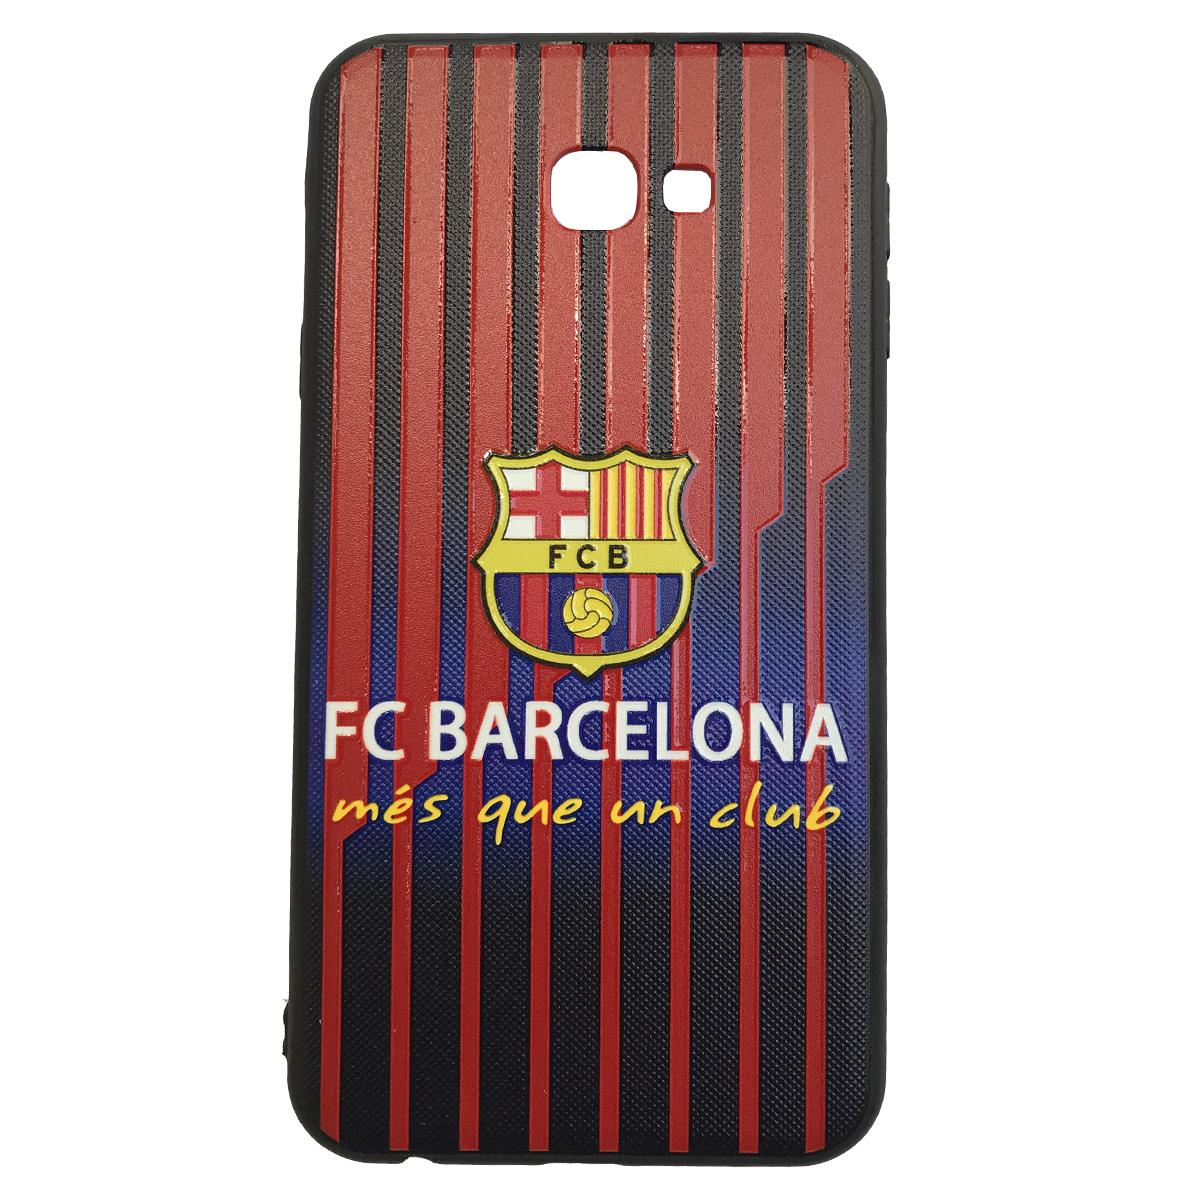 کاور طرح بارسلونا کد 01 مناسب برای گوشی موبایل سامسونگ Galaxy j4 plus